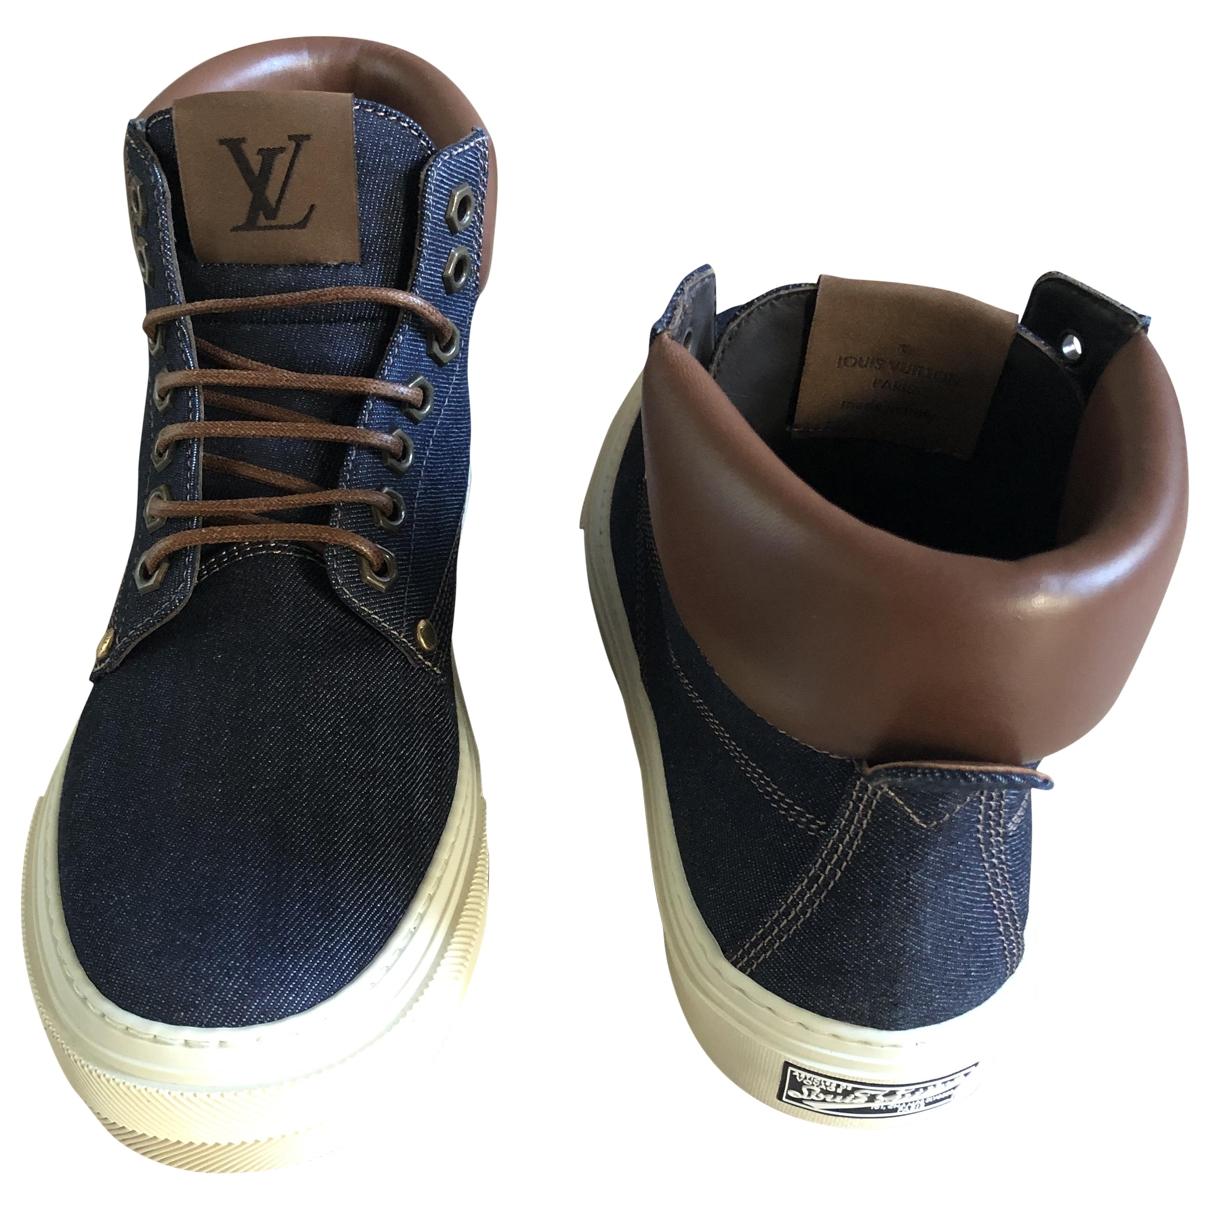 Louis Vuitton \N Sneakers in  Blau Denim - Jeans